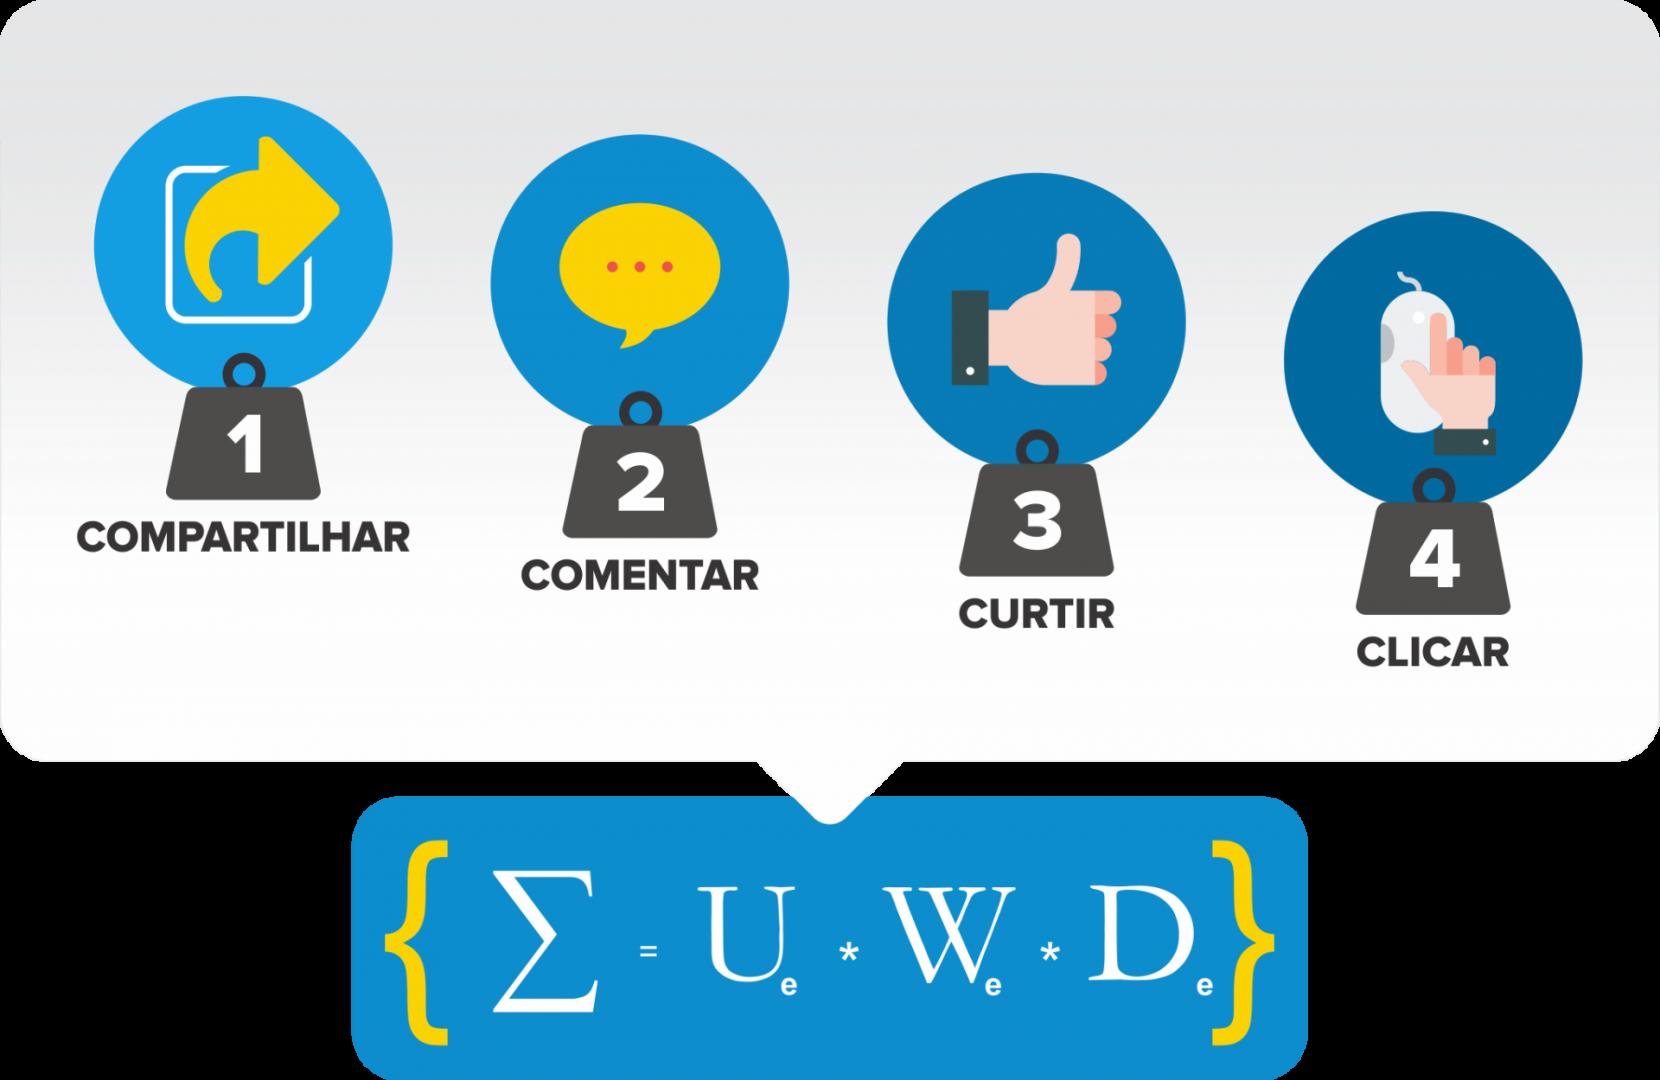 Facebook ADS: Compartilhar, Comentar, Curtir e Clicar